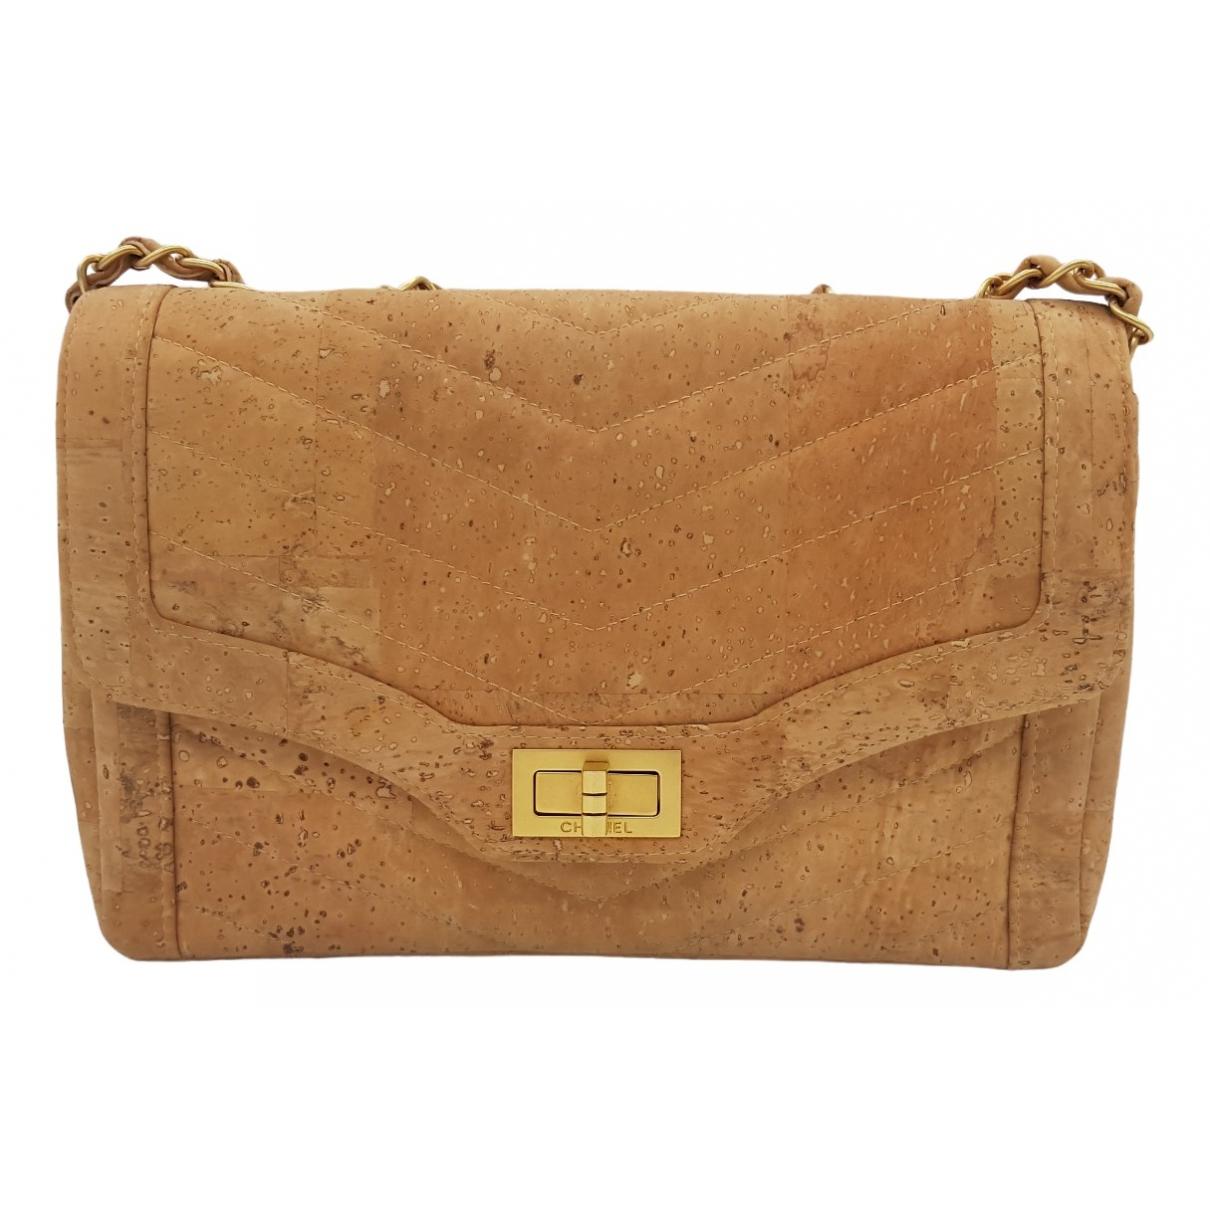 Chanel - Sac a main 2.55 pour femme en cuir exotique - beige